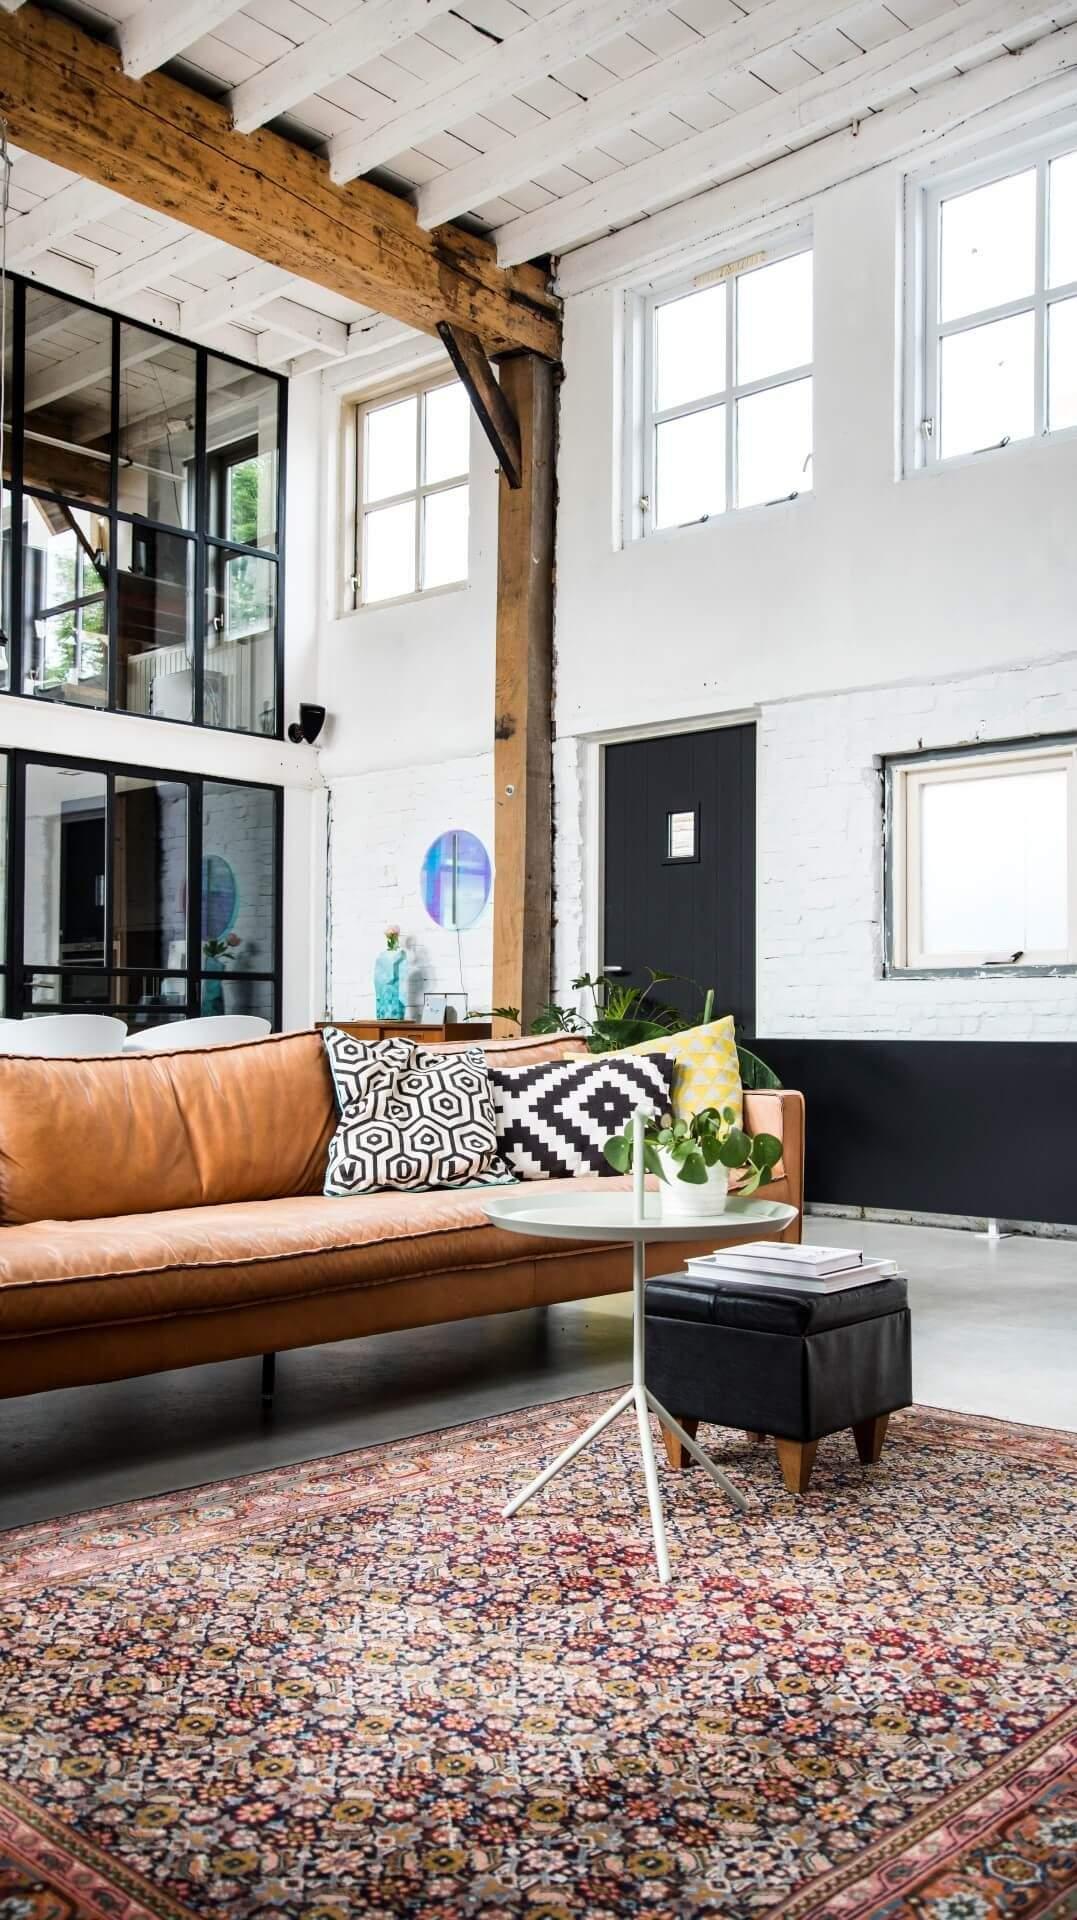 Full Size of Wandheizkörper Wandheizkrper Wohnzimmer Einzigartig Heizkrperverkleidung Wohnzimmer Wandheizkörper